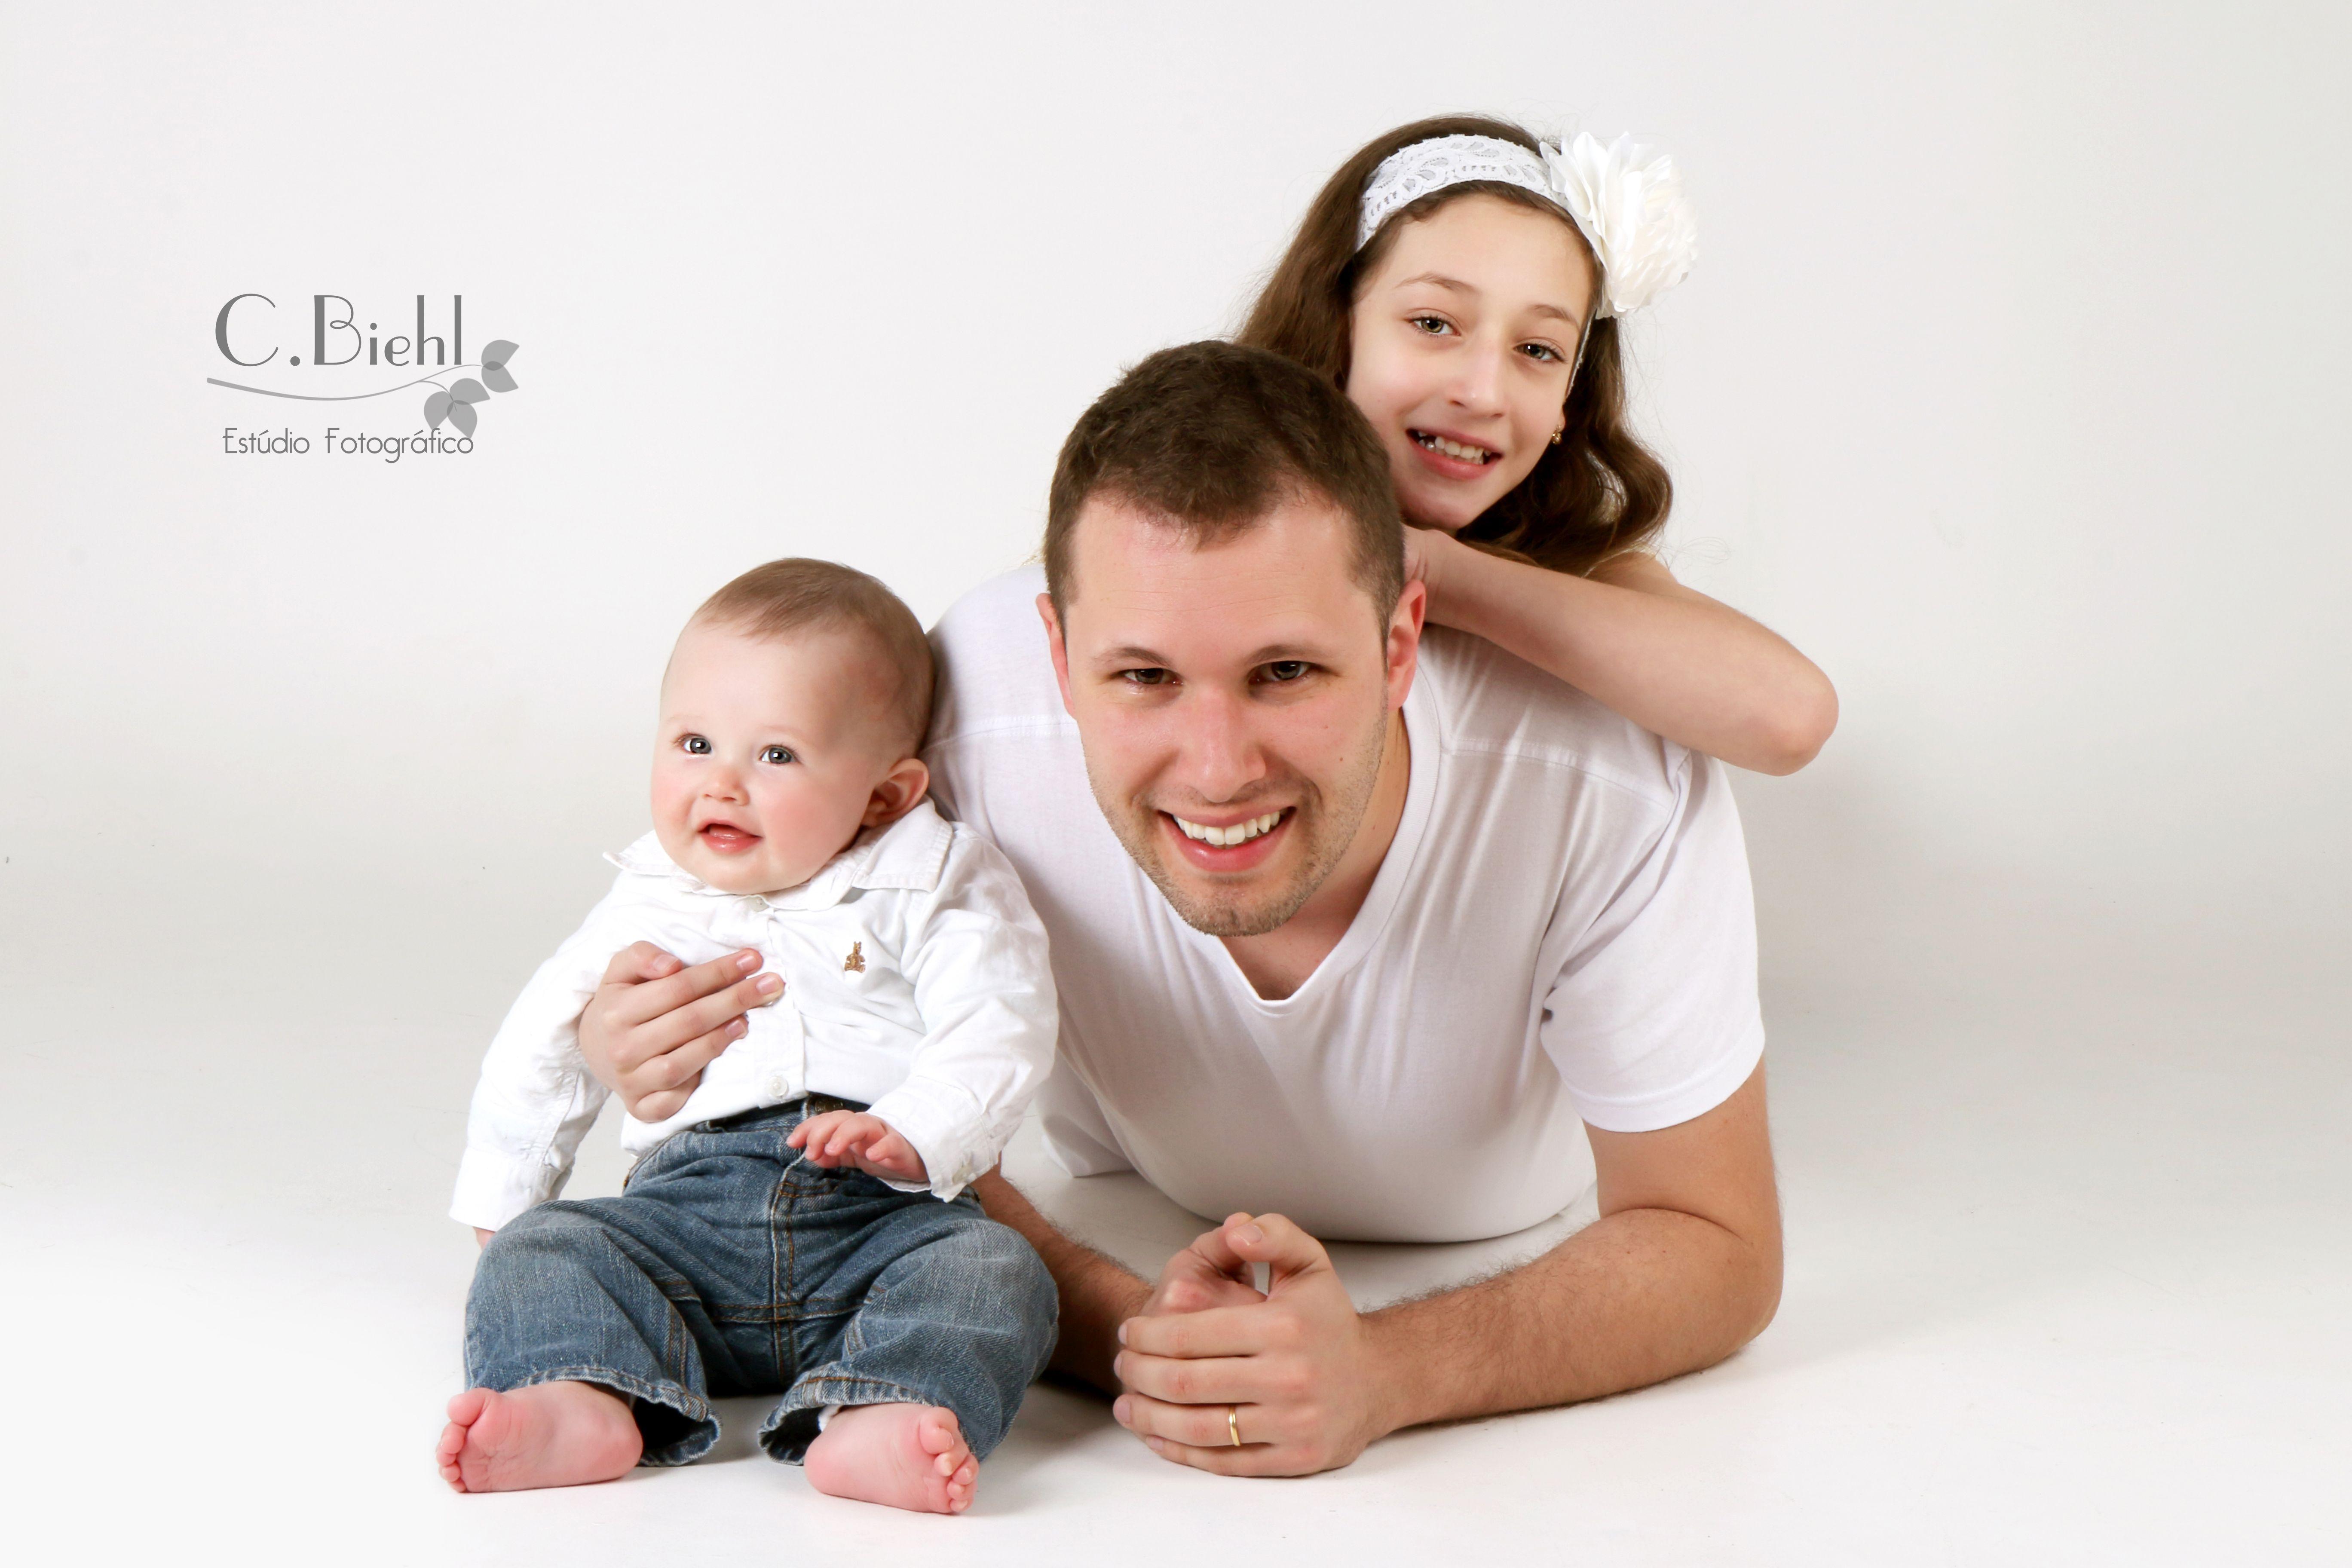 C.Biehl Fotografando: Ensaio Papai e Eu - father's day photoshoot, dia dos pais, book dia dos pais, ensaio papai e eu, daddy and baby, dad, father's day, photoshoot, ensaio fotográfico, fotografia, book de família, ensaio de família, family www.cbiehl.com.br